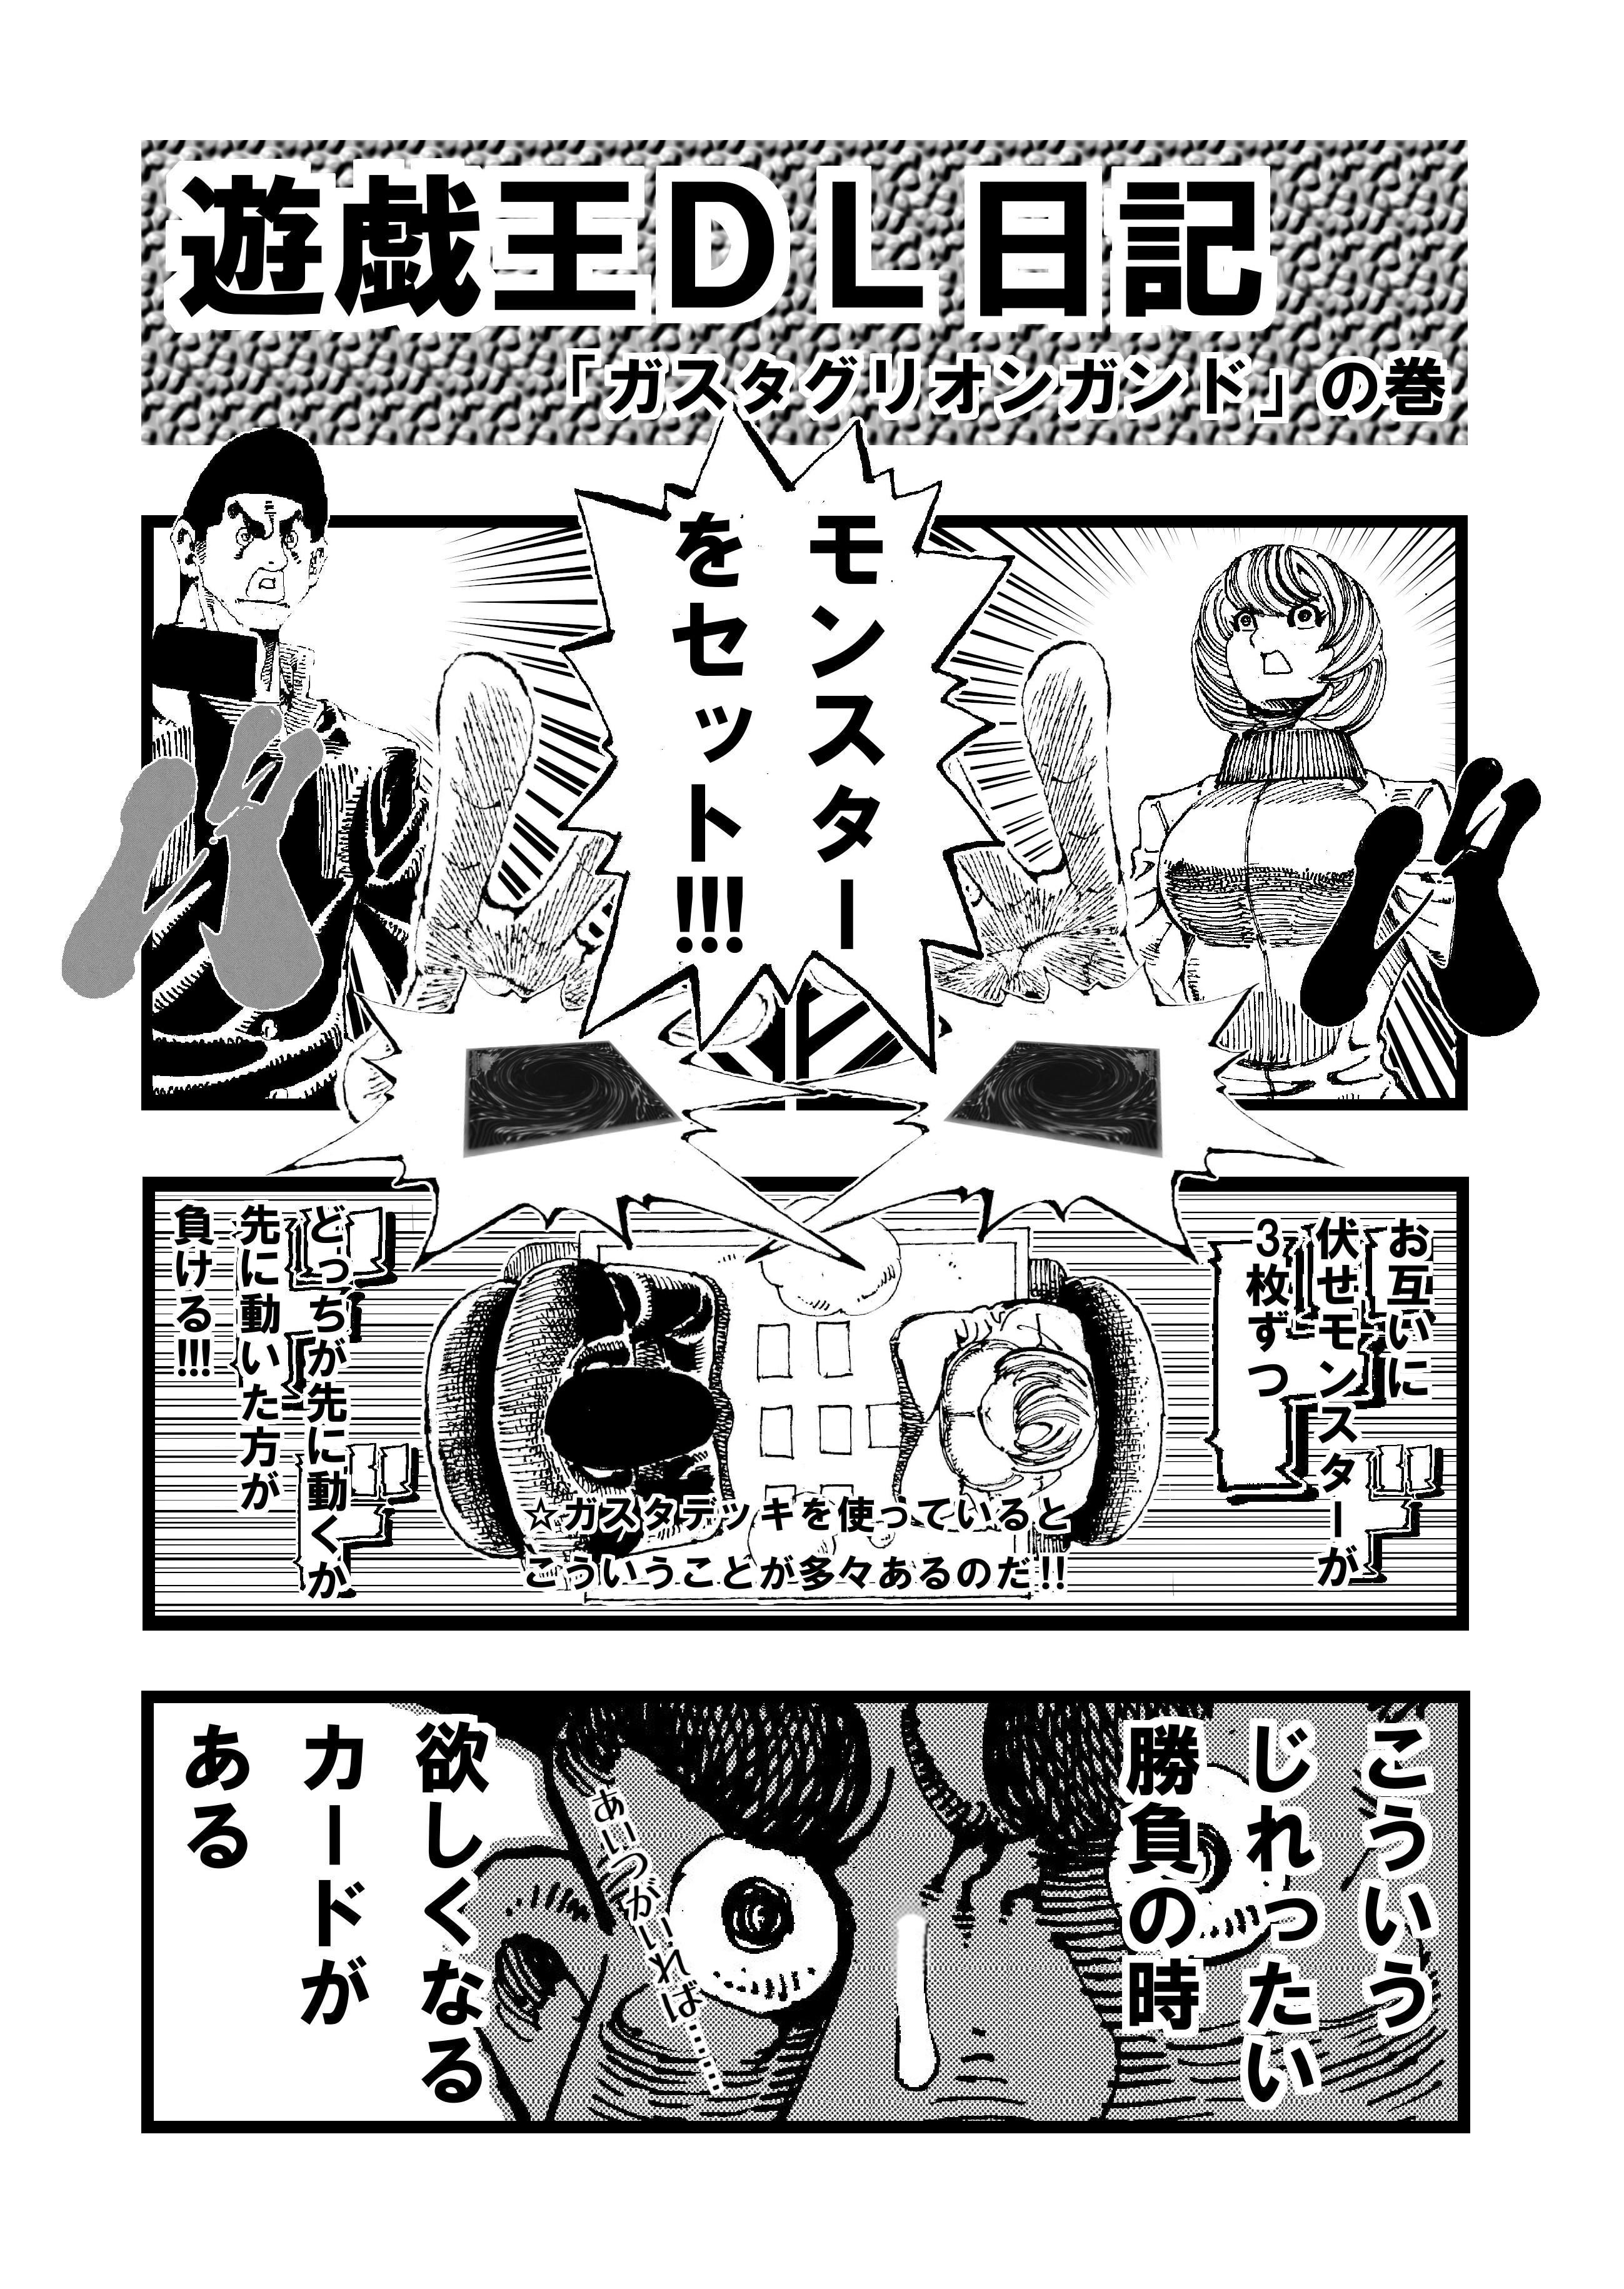 遊戯王デュエルリンクス日記36 ガスタグリオンガンド